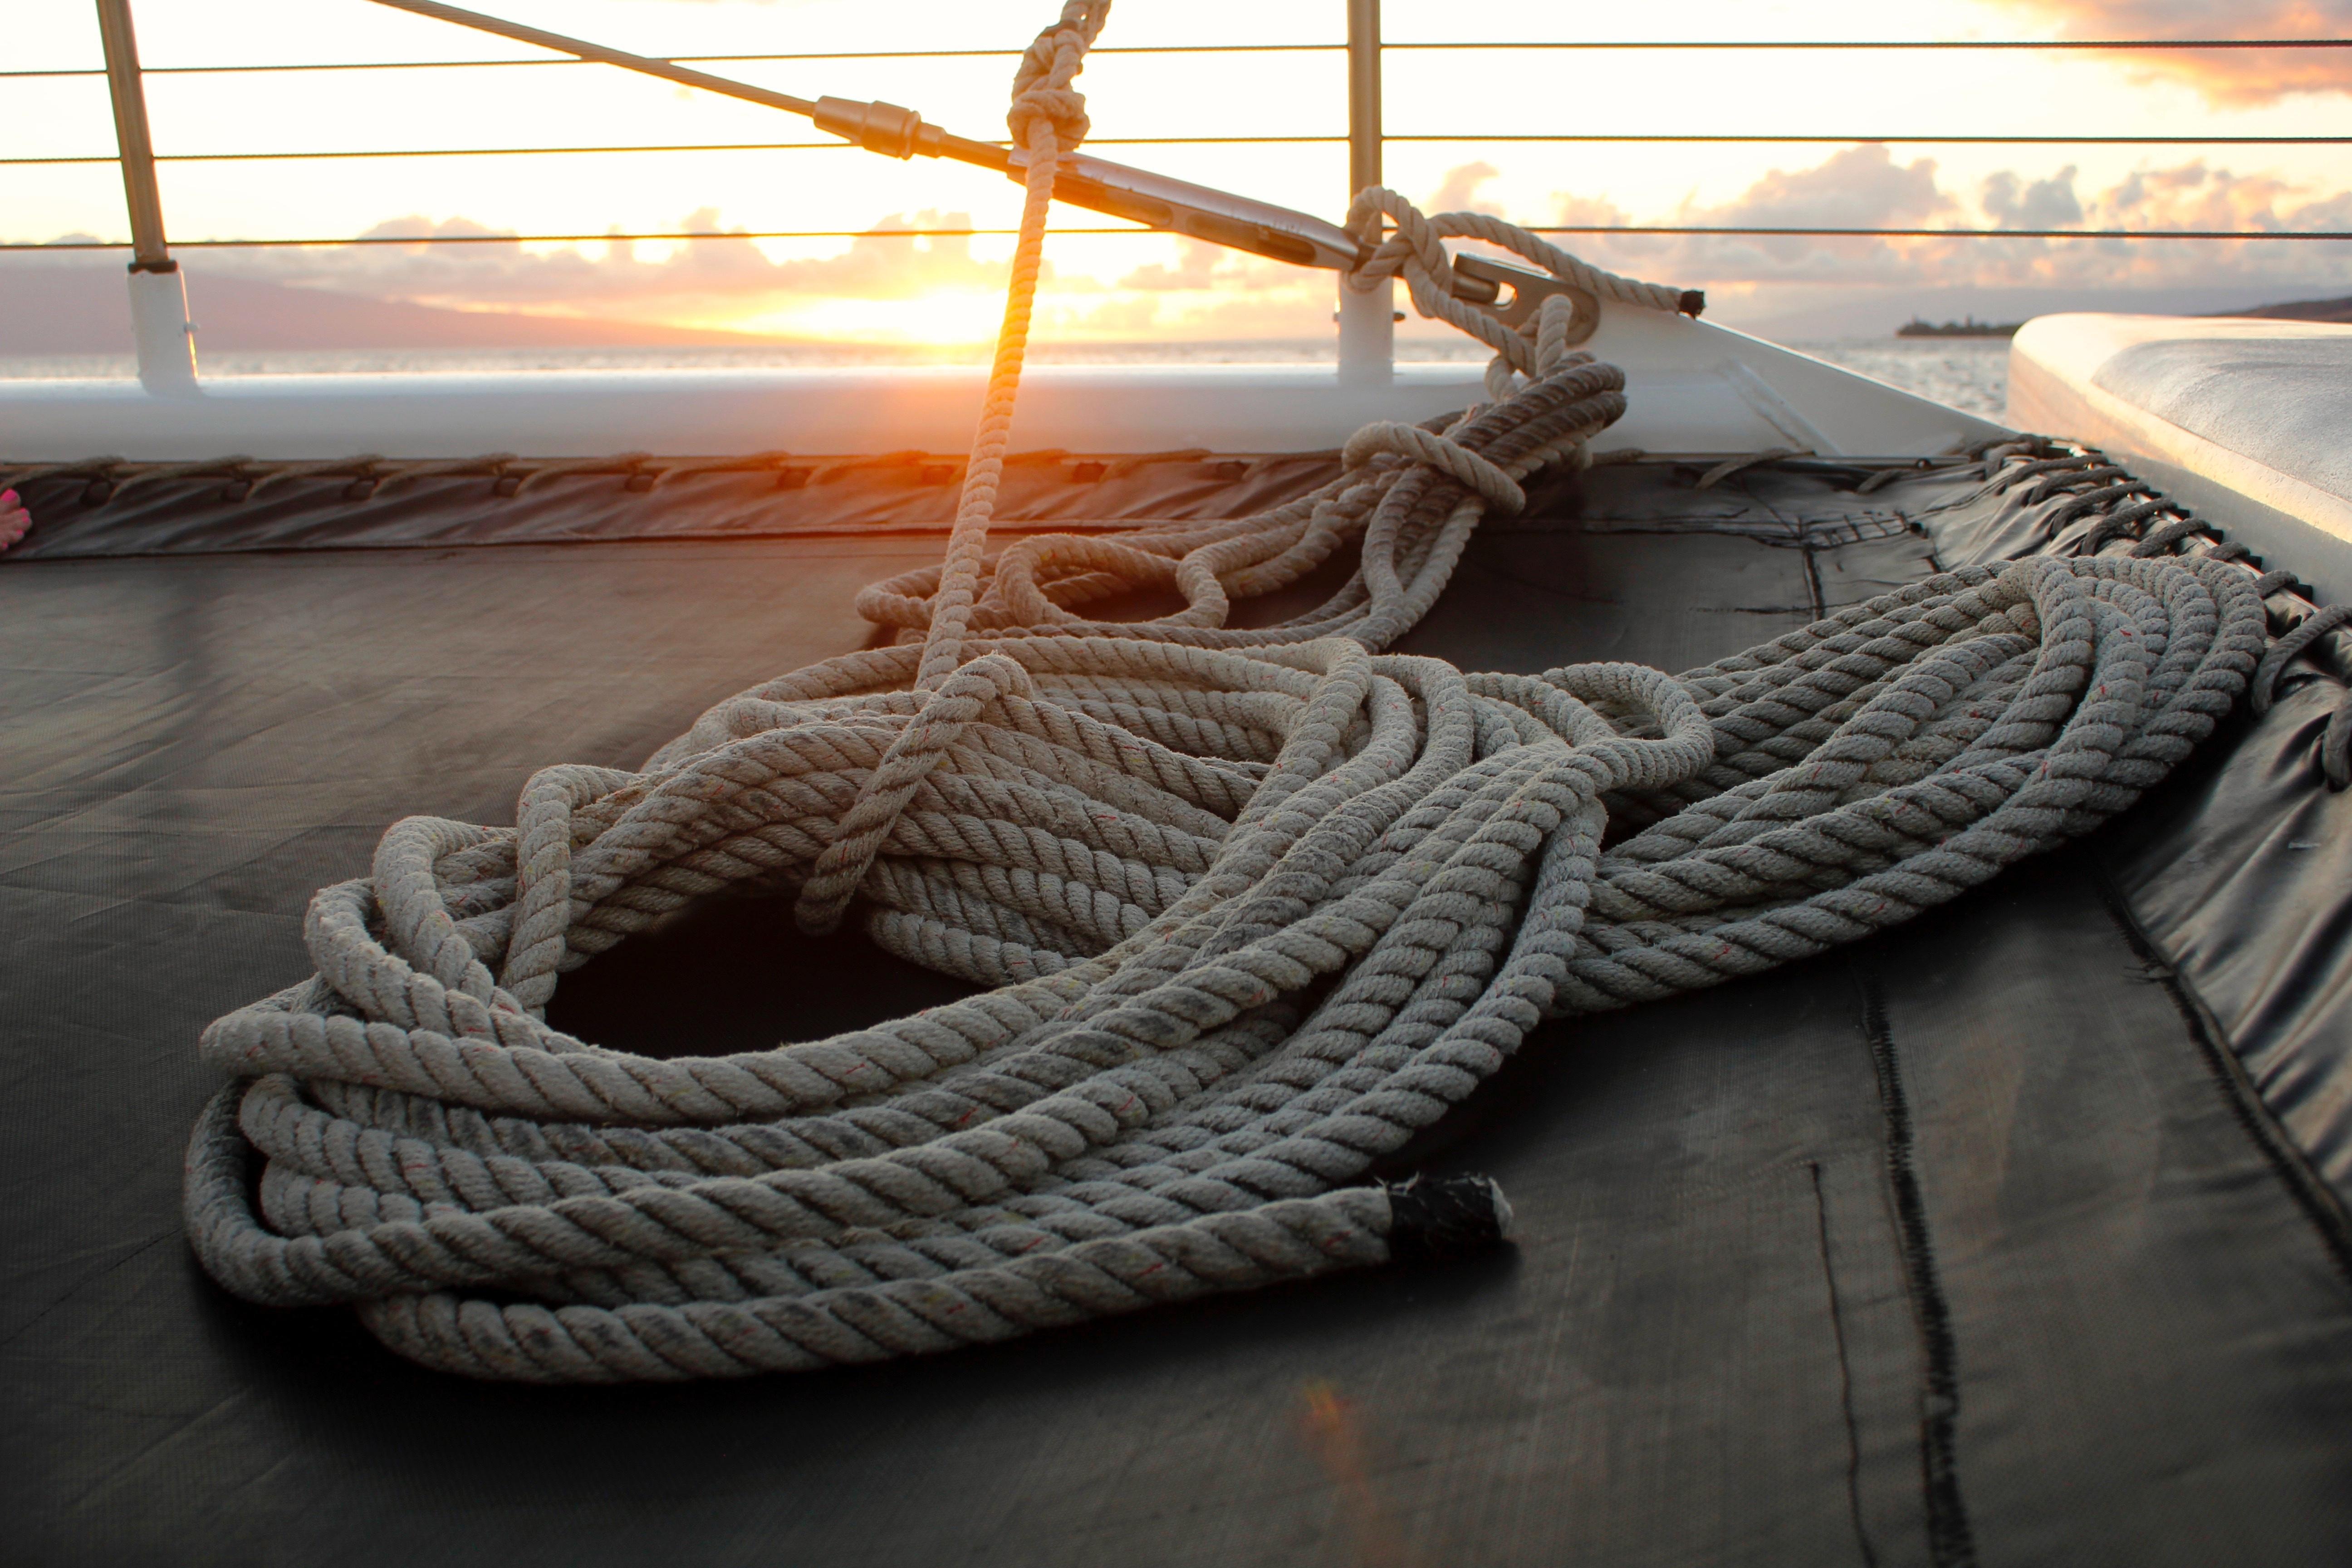 80600 Hintergrundbild herunterladen Sea, Verschiedenes, Sonstige, Kabel, Segelboot, Segel, Seil - Bildschirmschoner und Bilder kostenlos